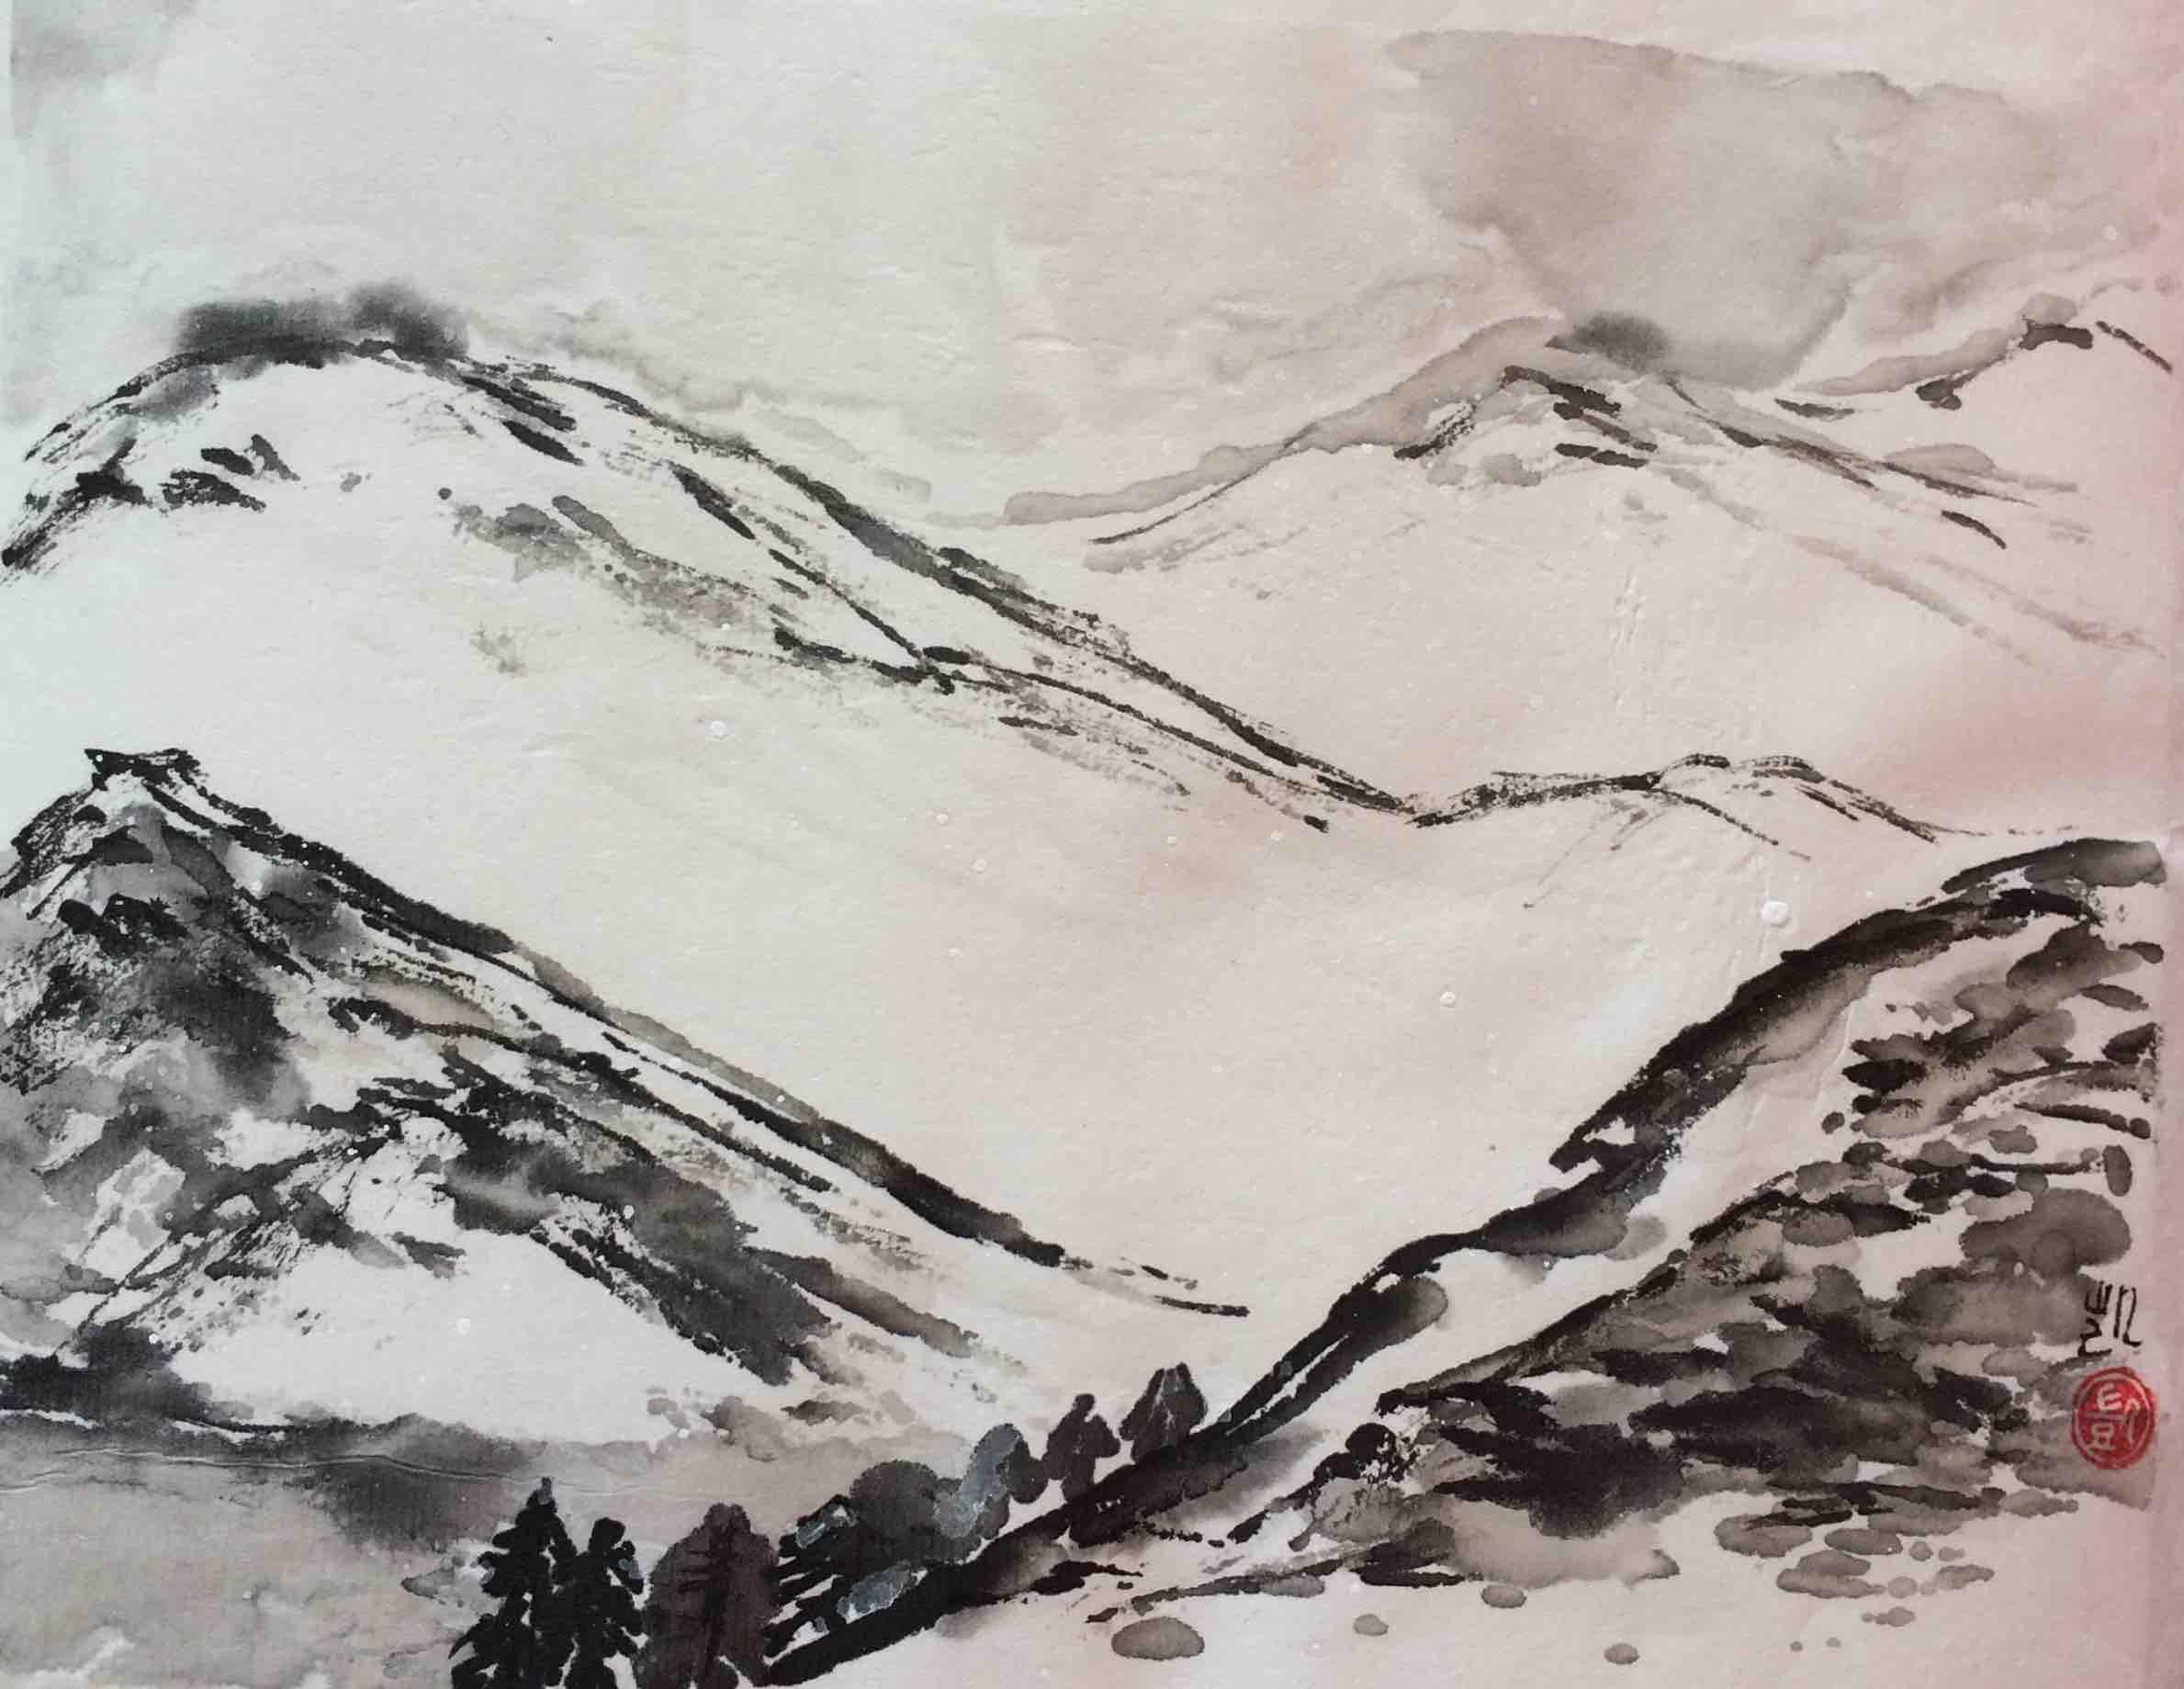 Winterlandschaft in schwarz und weiss